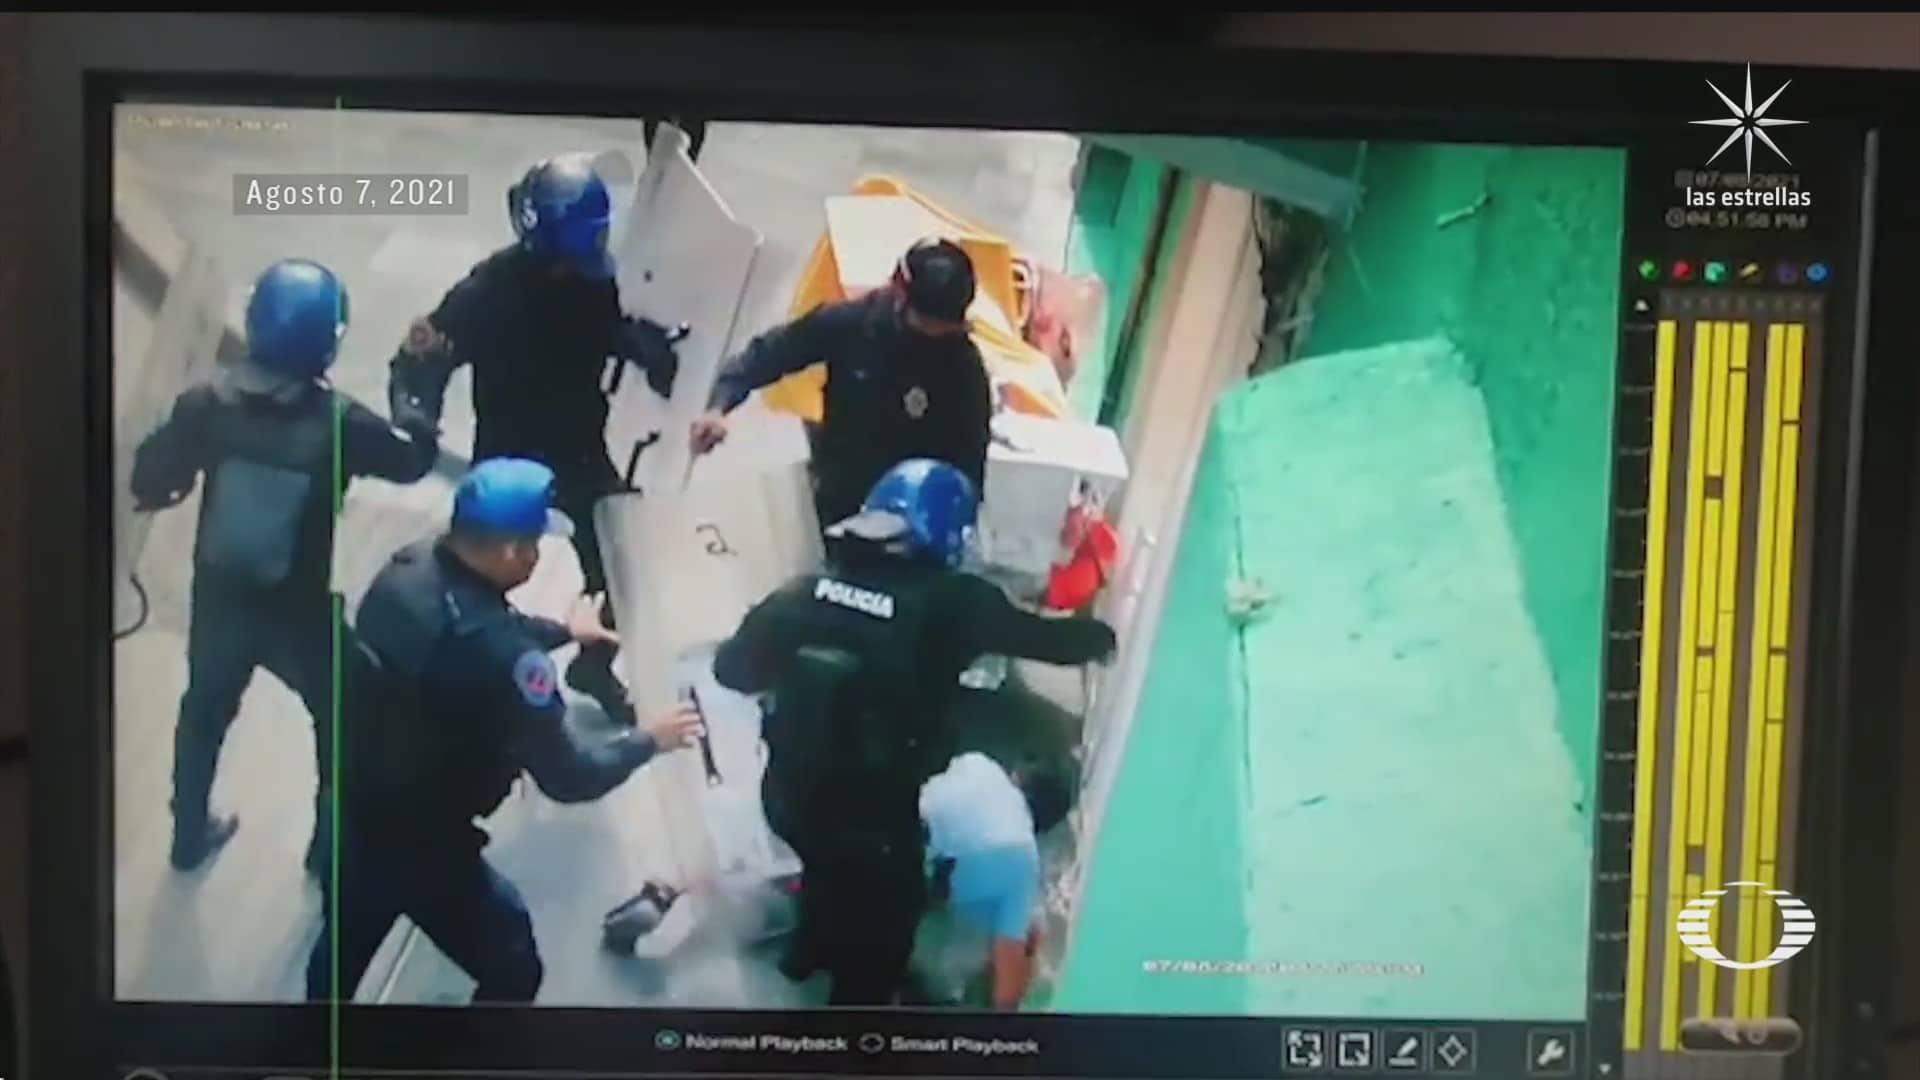 policias golpean a joven comerciante y lo detienen